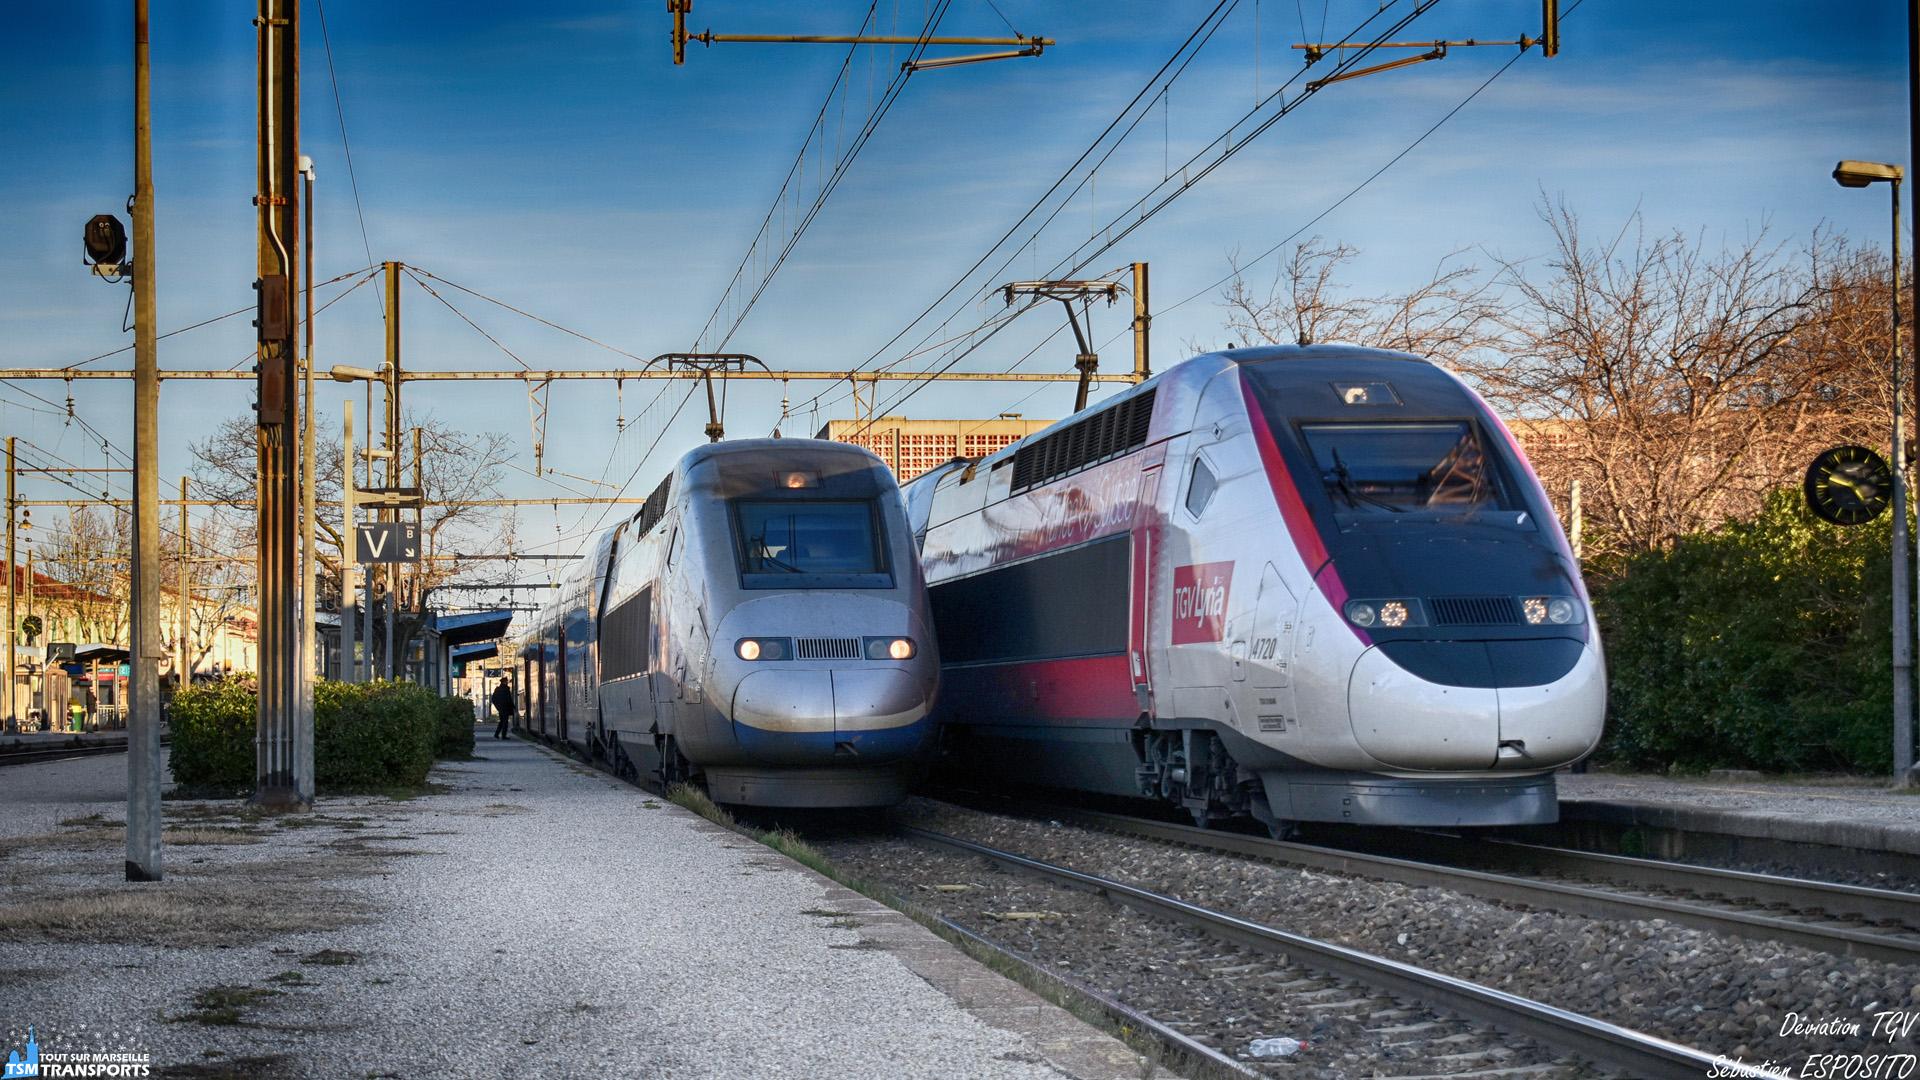 Samedi 26 Janvier 2019, une inondation des voies SNCF à Saint Barthélemy et permettant de rejoindre la LGV Sud Est, a provoqué la déviation de certains TGV et dans l'après midi, seul les trains vers Paris sont encore déviés jusqu'au lendemain 10h. . Voici donc une des photos les plus difficiles à reproduire à l'avenir, deux TGV en Gare de Miramas, l'un habituellement ici pour assuré le 6198 quotidien, l'autre est.... Le dernier né des TGV Lyria, j'ai nommé l'Euroduplex 4720 fraîchement habillé de sa livrée Lyria, passant exceptionnellement par la ligne classique pour contourner le dérangement de Saint Barthélemy et accusant plus de 2 heures de retard. . ℹ️ Alstom TGV Duplex n°258 SNCF. . ↔️ TGV 6198 : Miramas - Paris Gare de Lyon. . ℹ️² Alstom TGV Euroduplex n°4720 SNCF TGV LYRIA. . ↔️² TGV Lyria 9750 : Marseille Saint Charles - Genève Cornavin . 📍 Gare de Miramas, Place Pierre Beley, 13140 Miramas. . 📸 Nikon D5600. . 📷 Nikkor 18-55mm. . 📅 26 Janvier 2019 à 16:48. . 👨 Sébastien ESPOSITO accompagné de @lordregio13 very surpris.